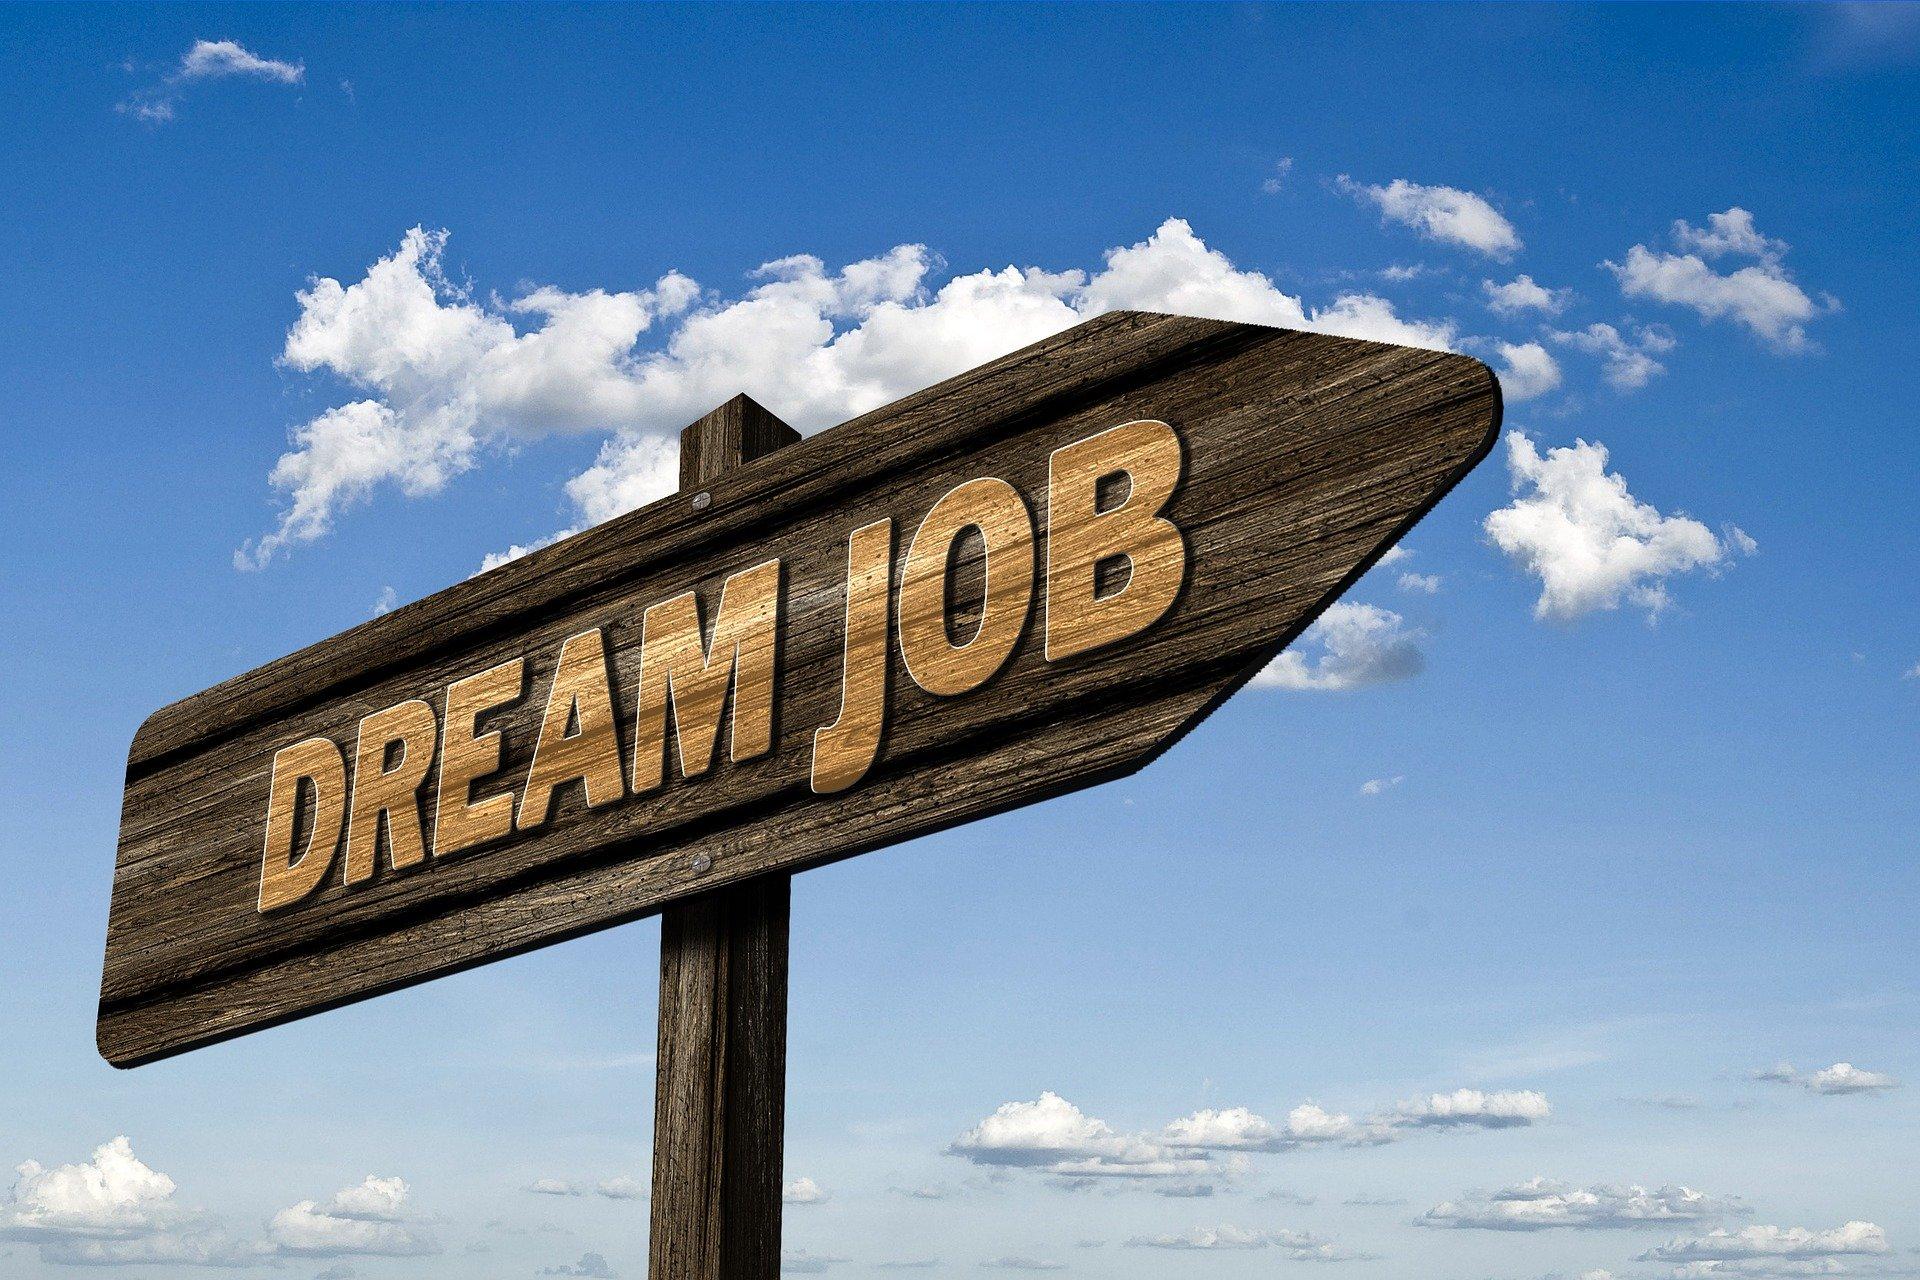 dream-job-29047801920-geralt.jpg